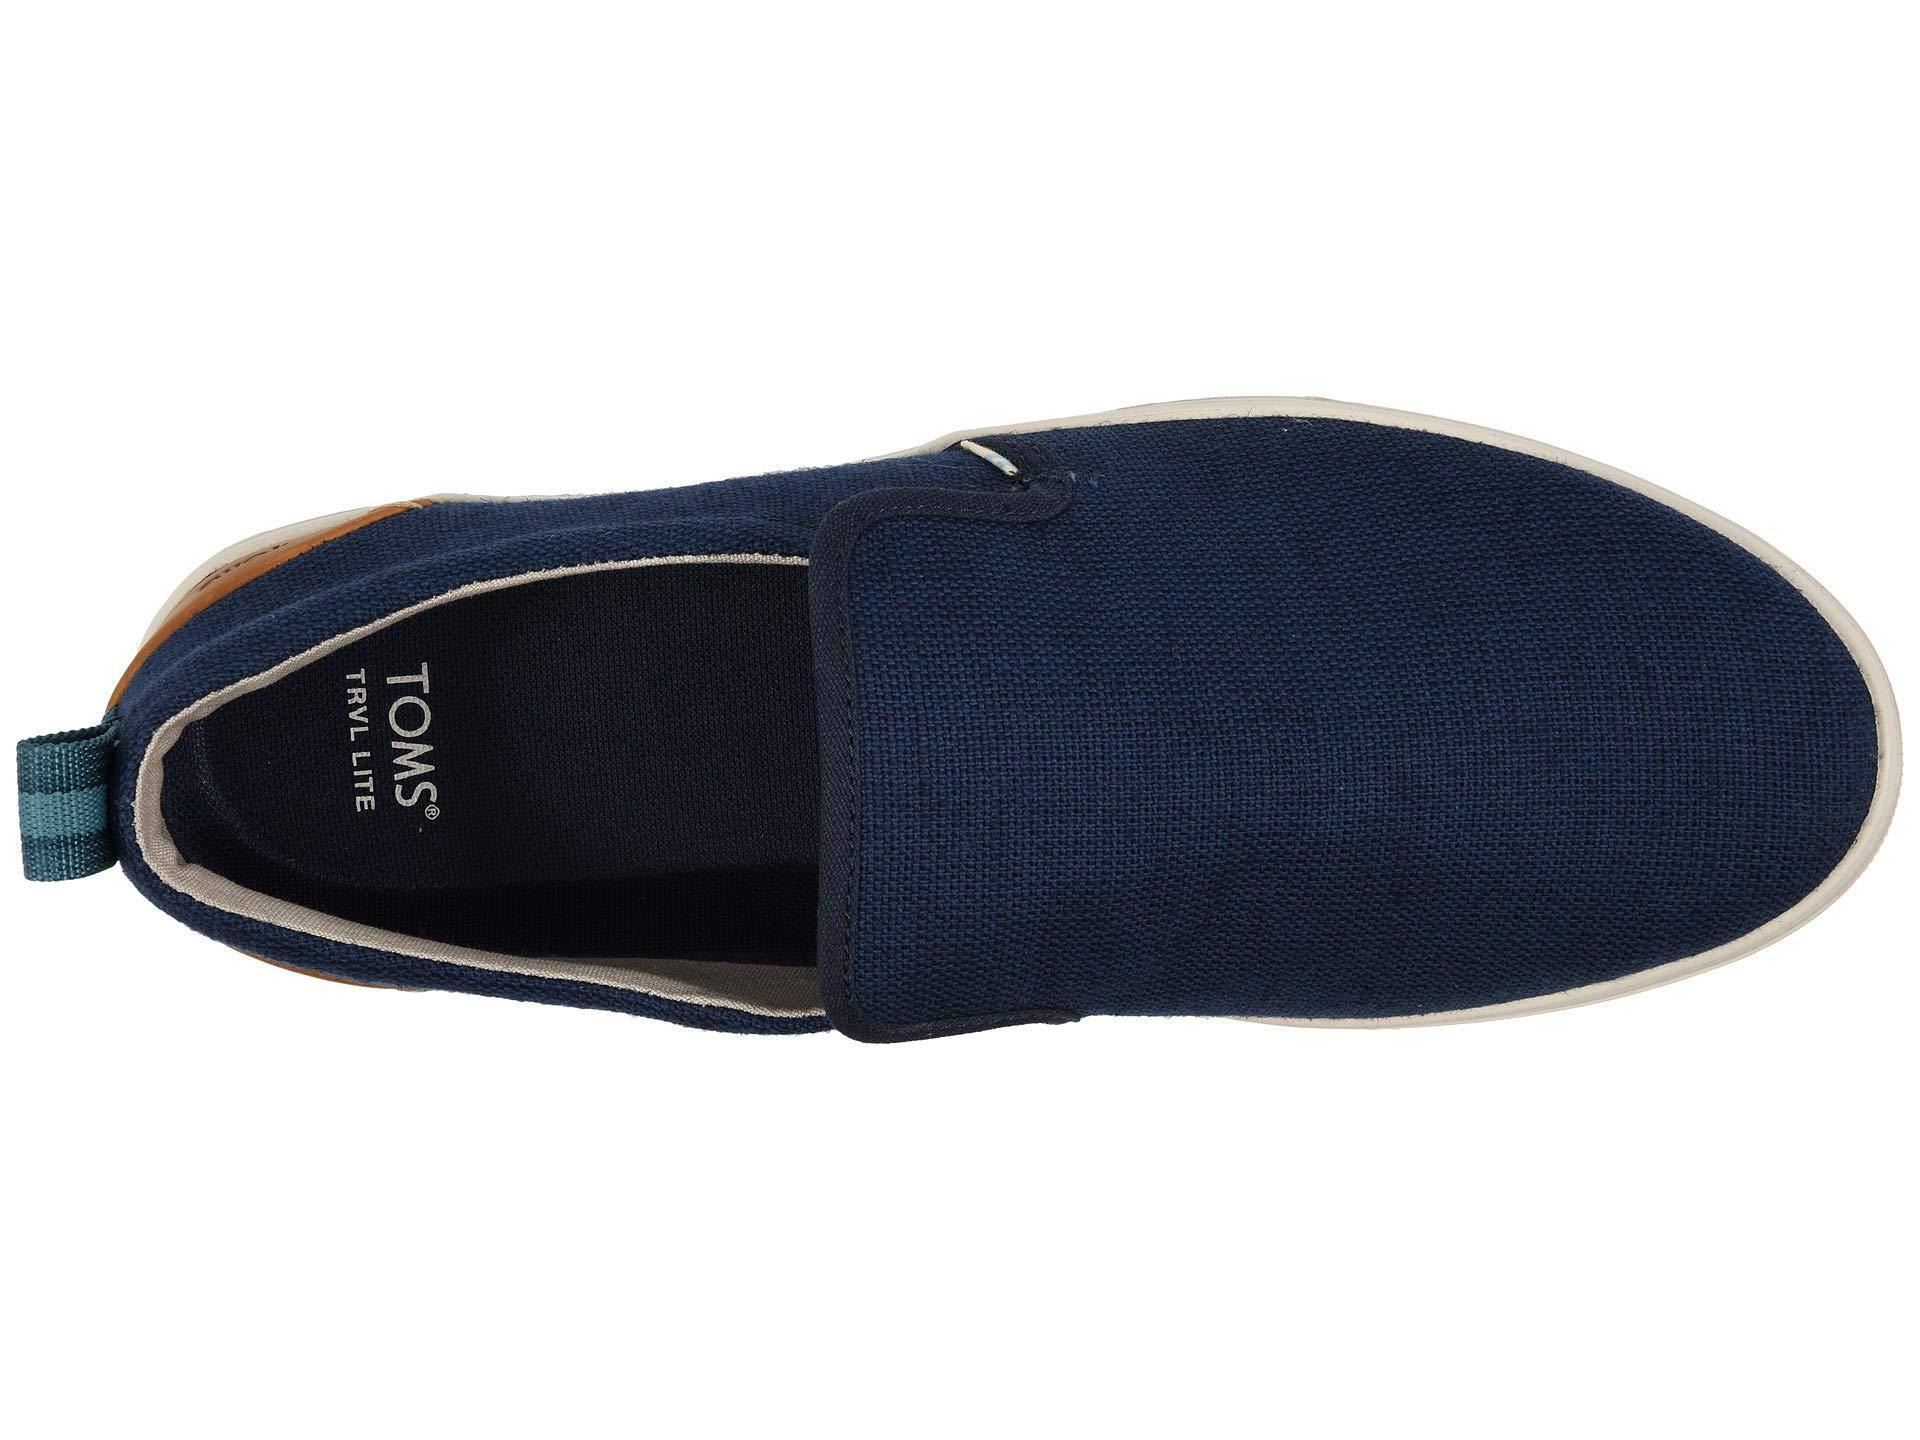 4c160e5698f TOMS - Blue Men s Trvl Lite Canvas Slip-on Sneakers for Men - Lyst. View  fullscreen